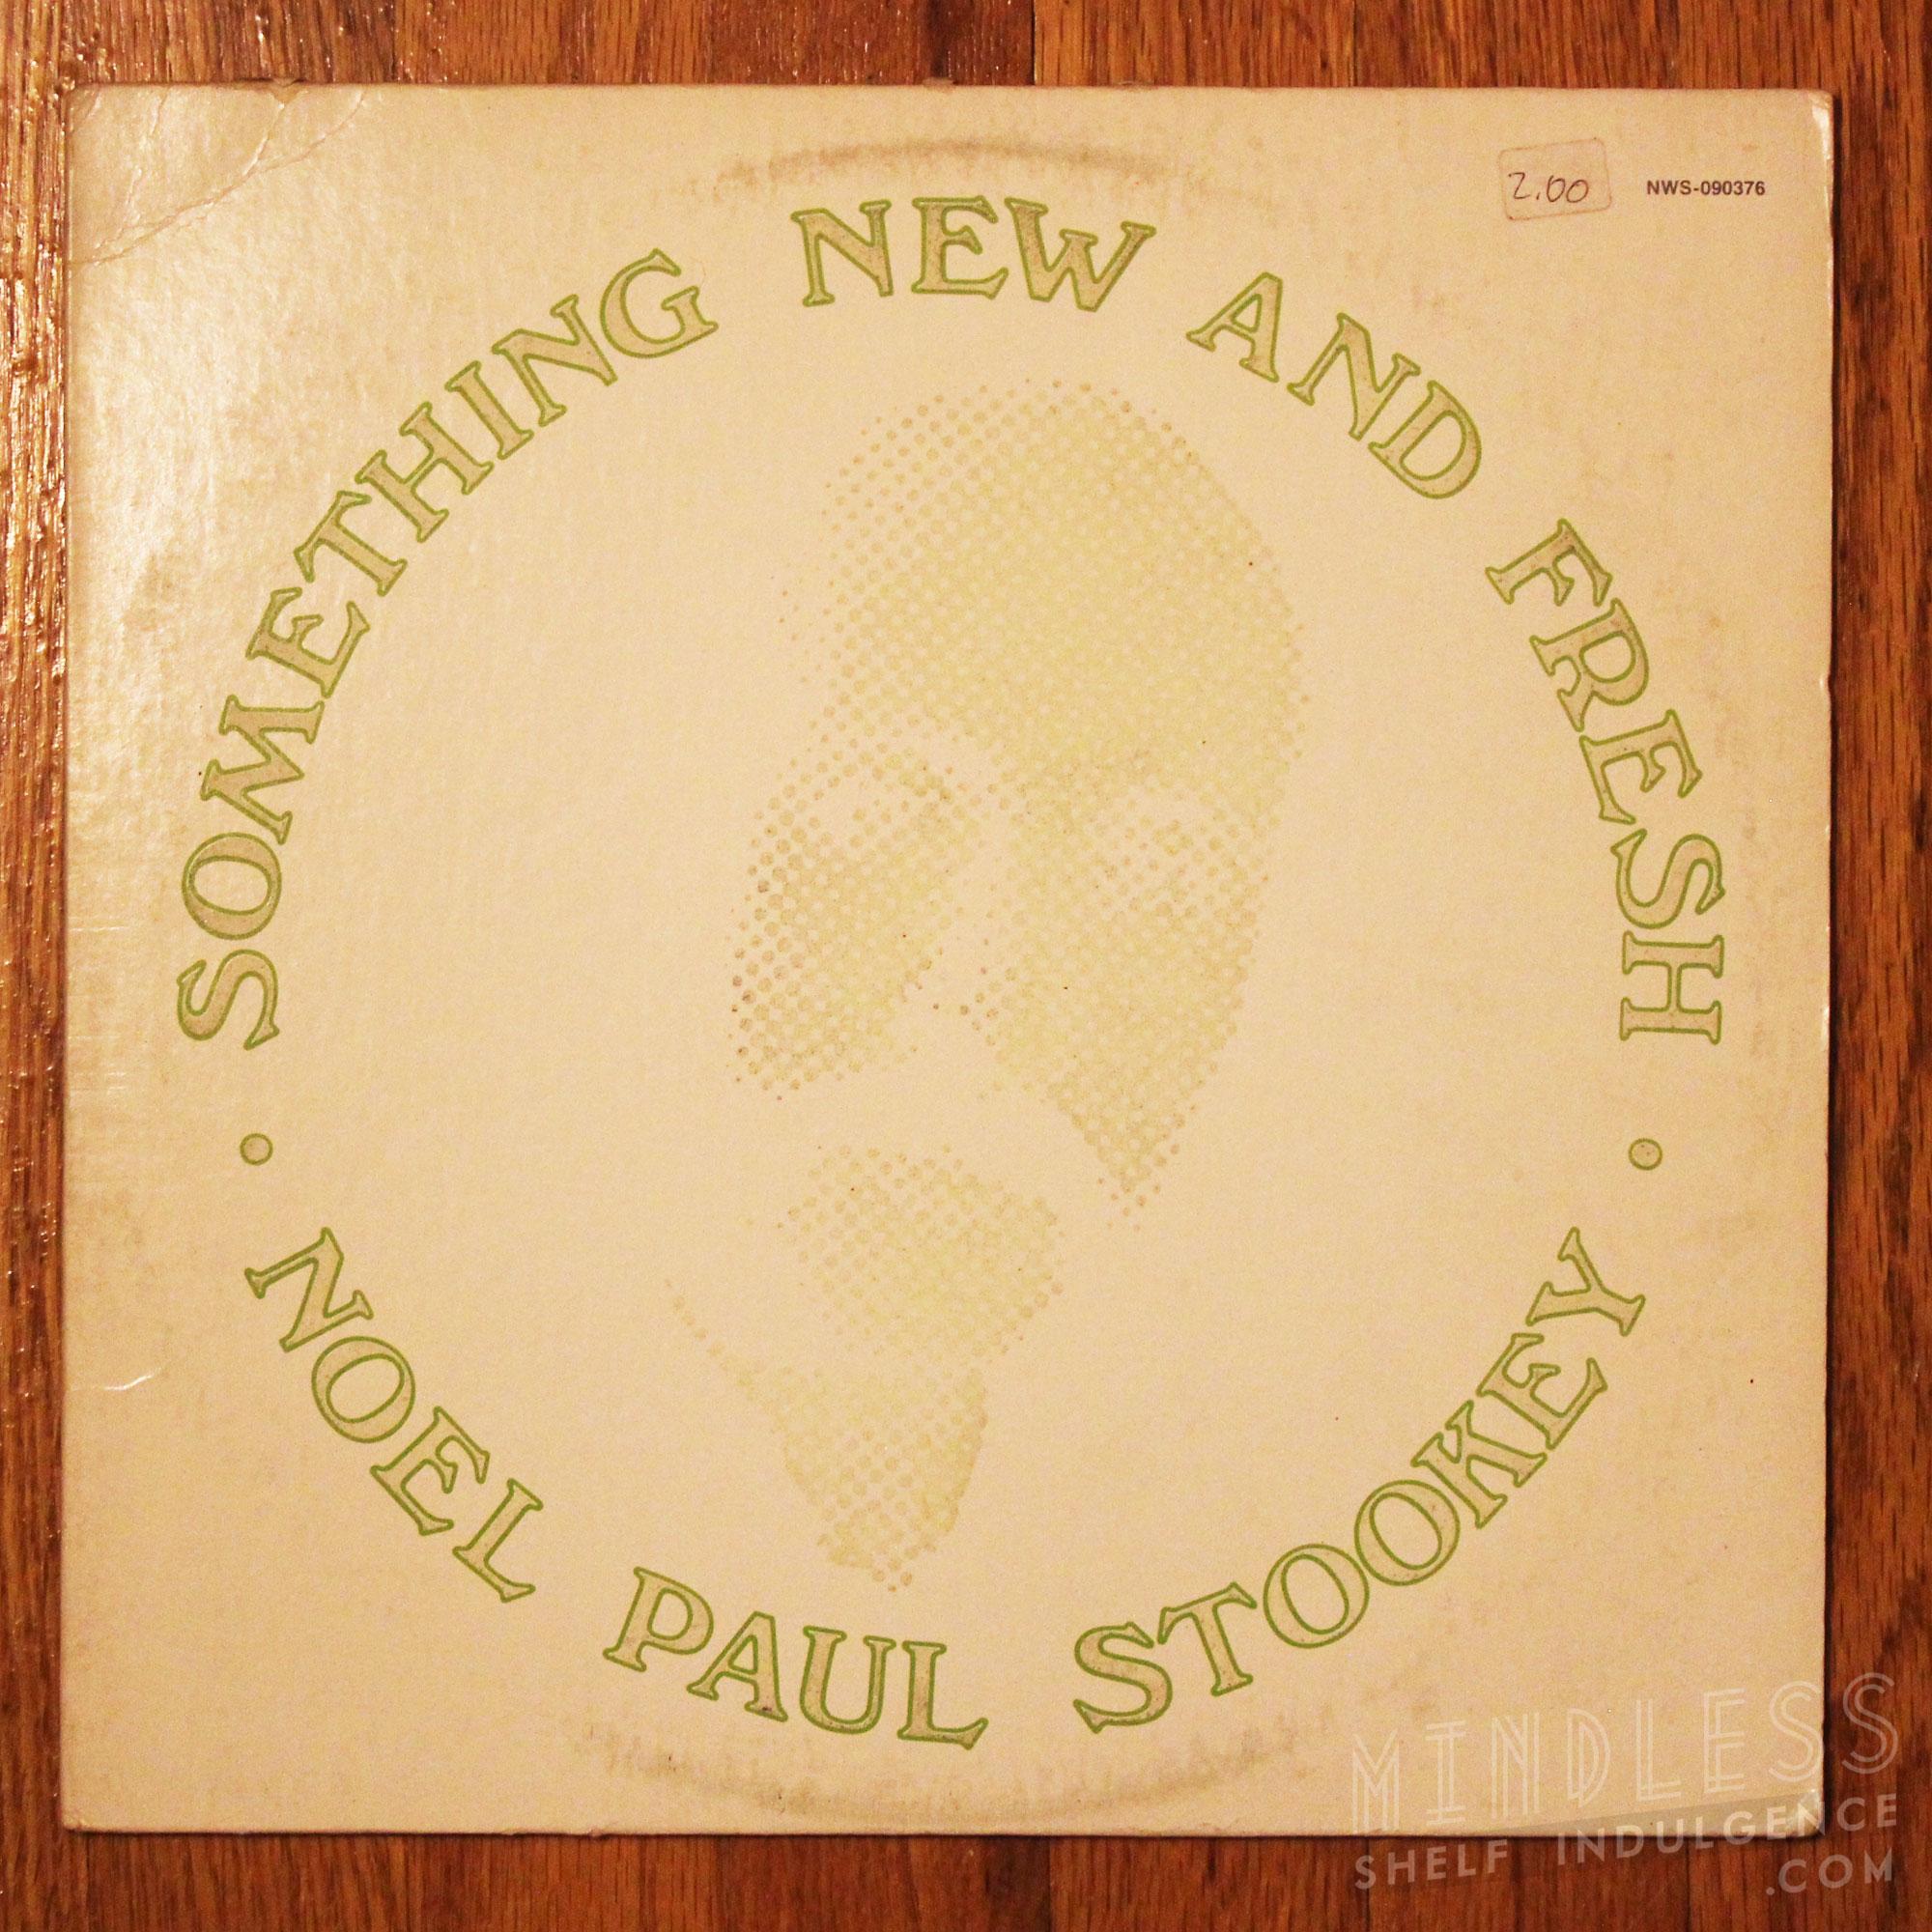 Noel Paul Stookey LP